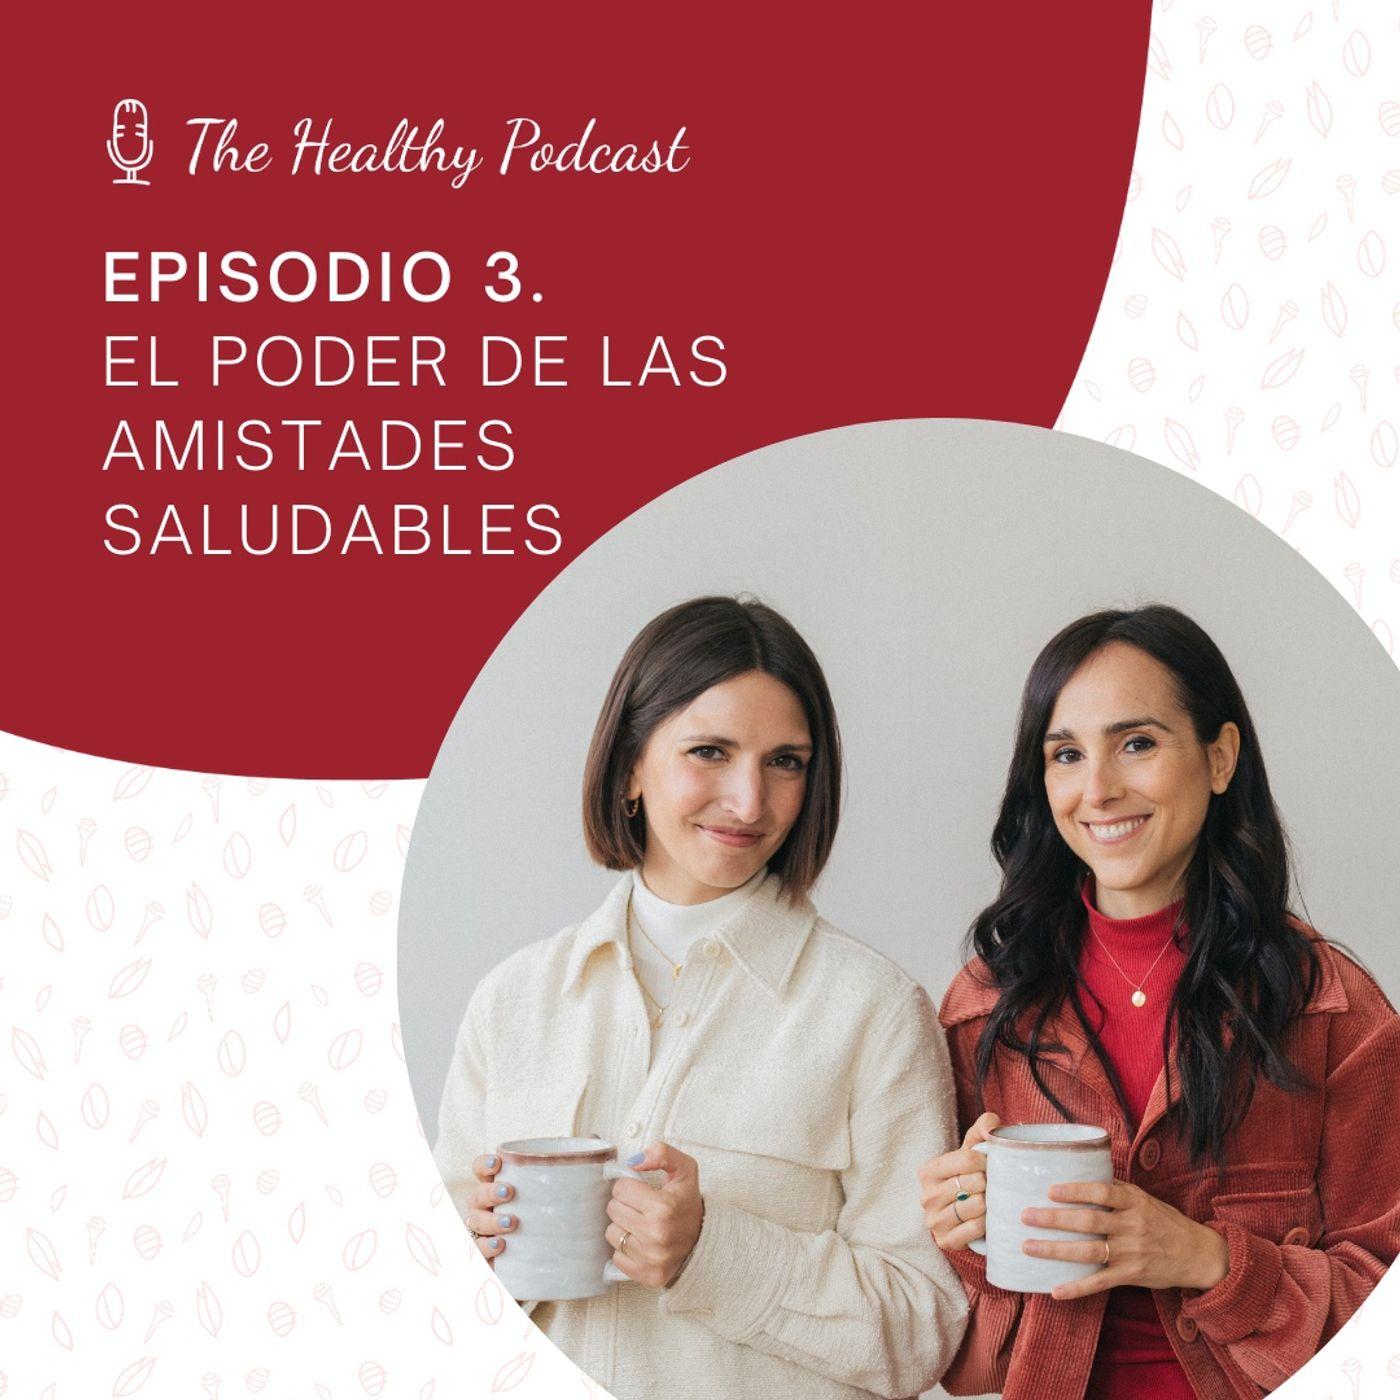 Episodio 3. El poder de las amistades saludables